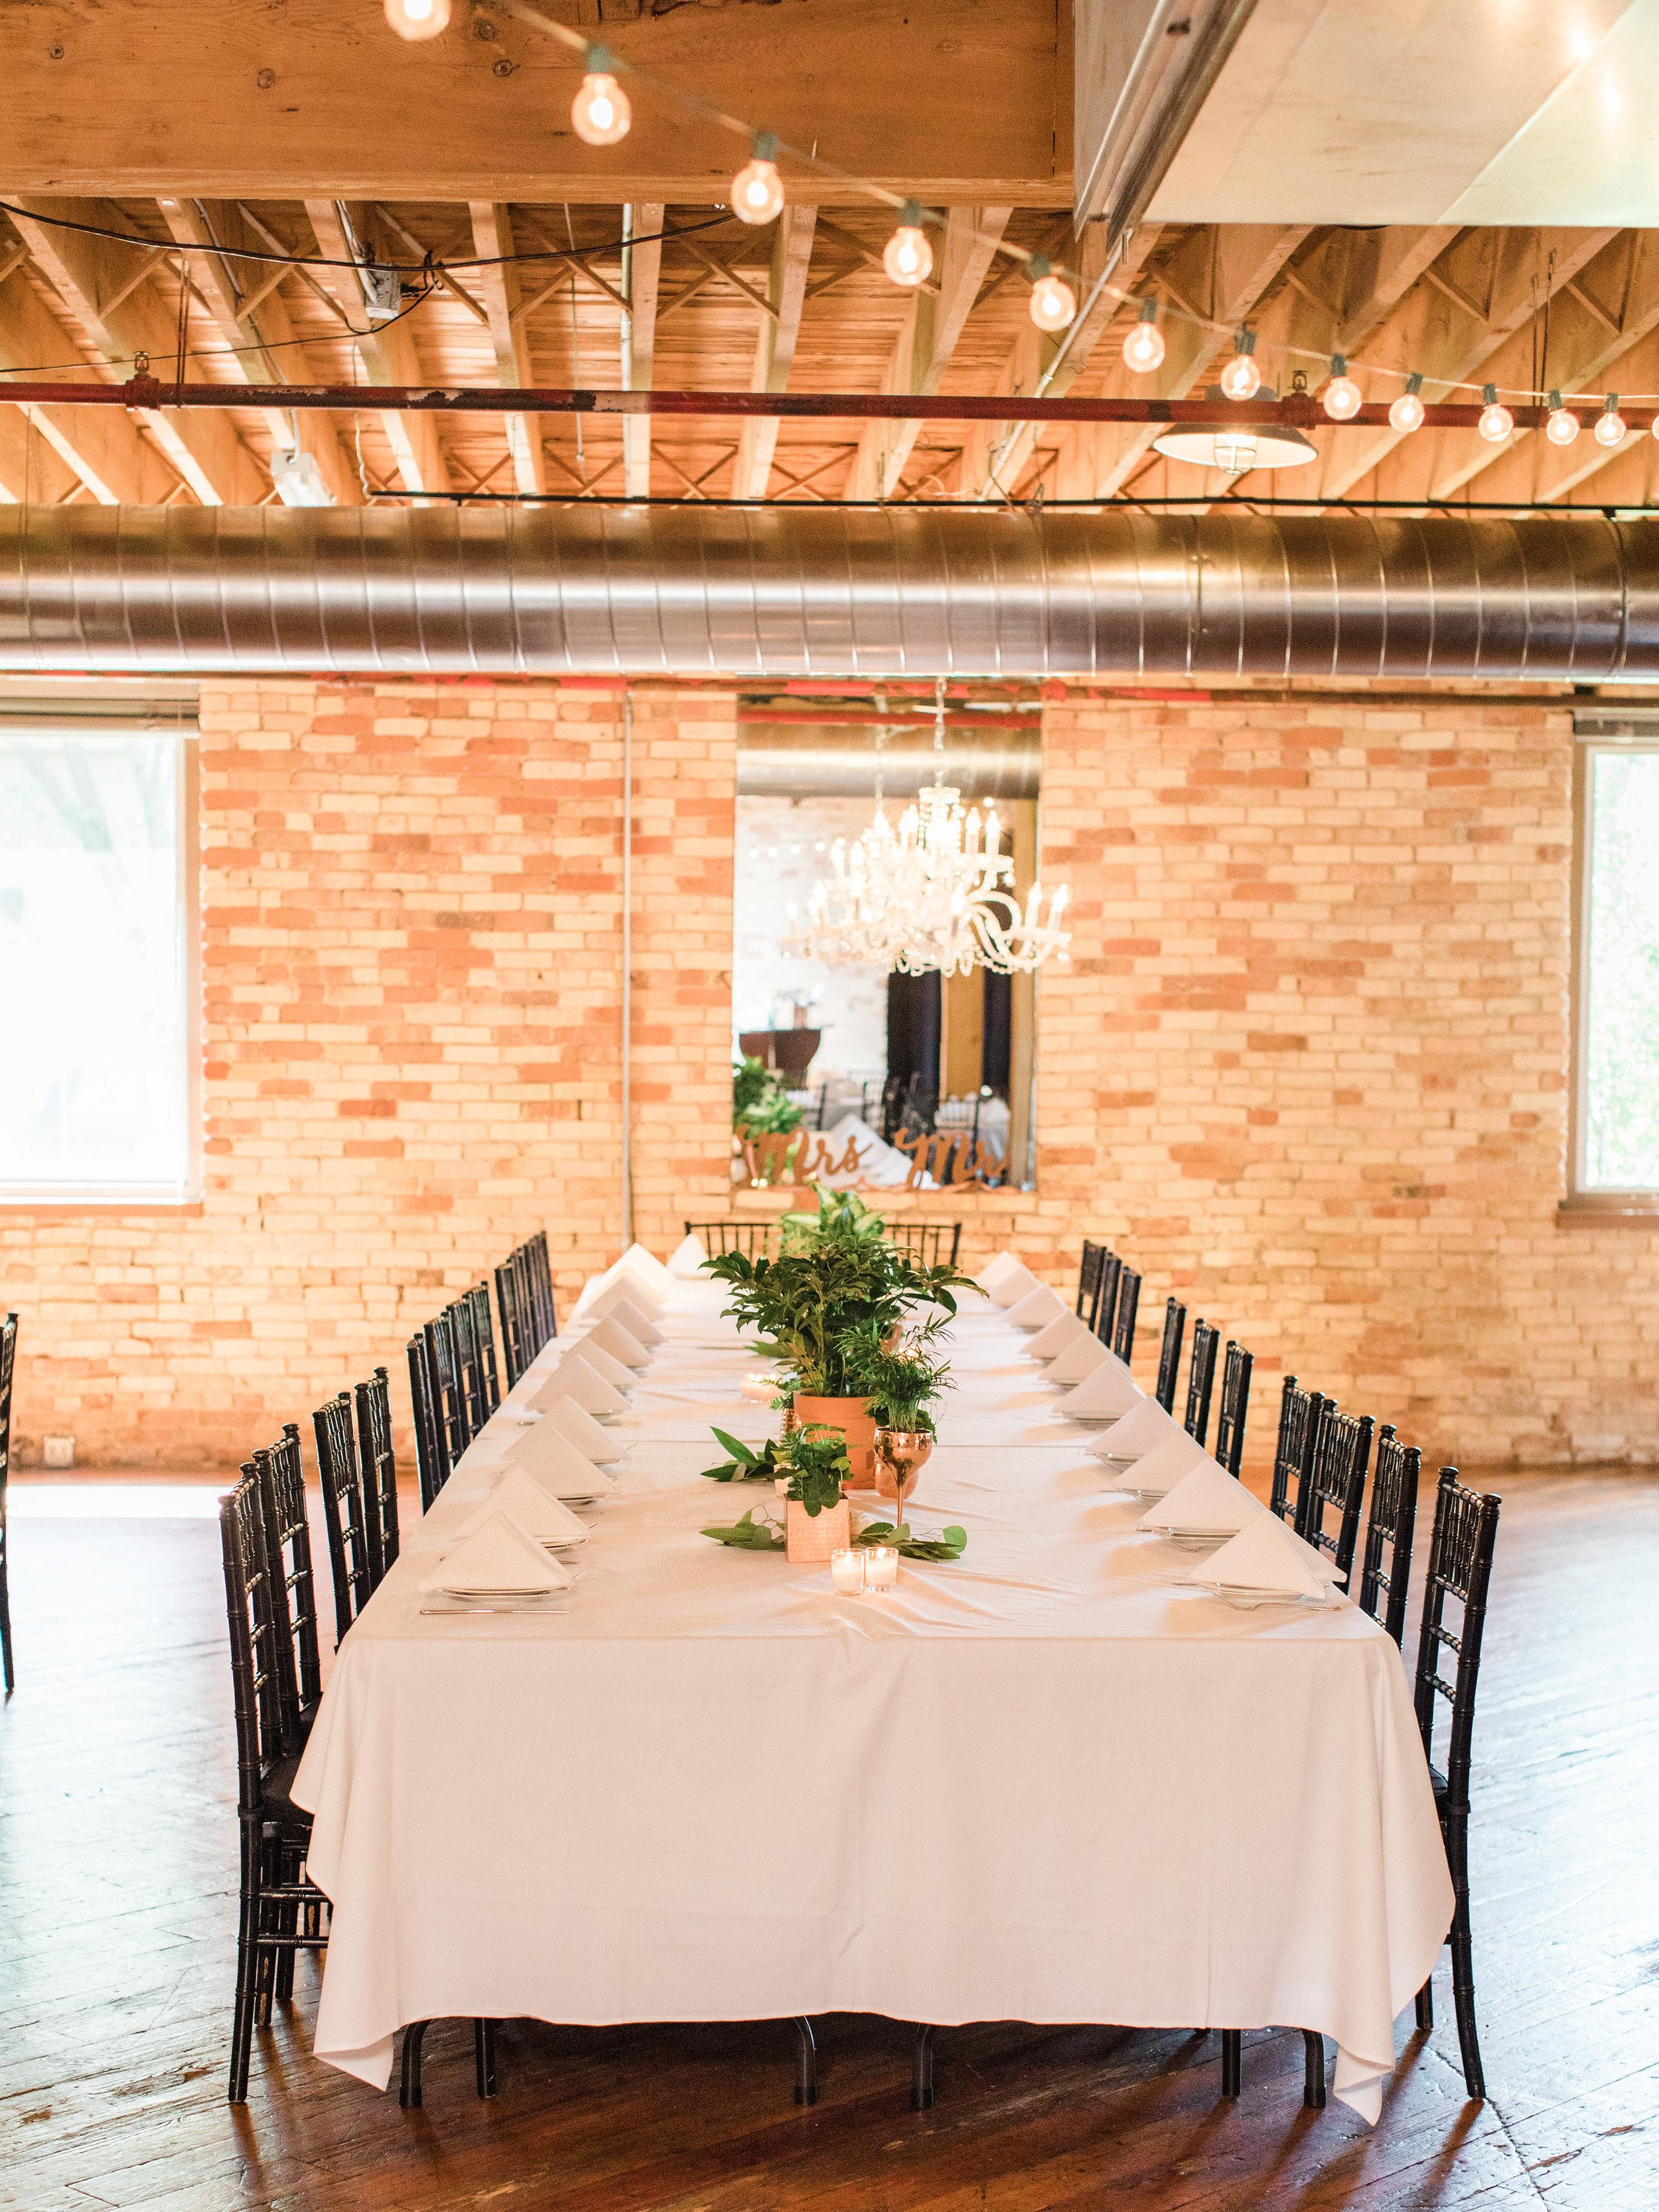 Julius+Wedding+Reception+Details-81.jpg